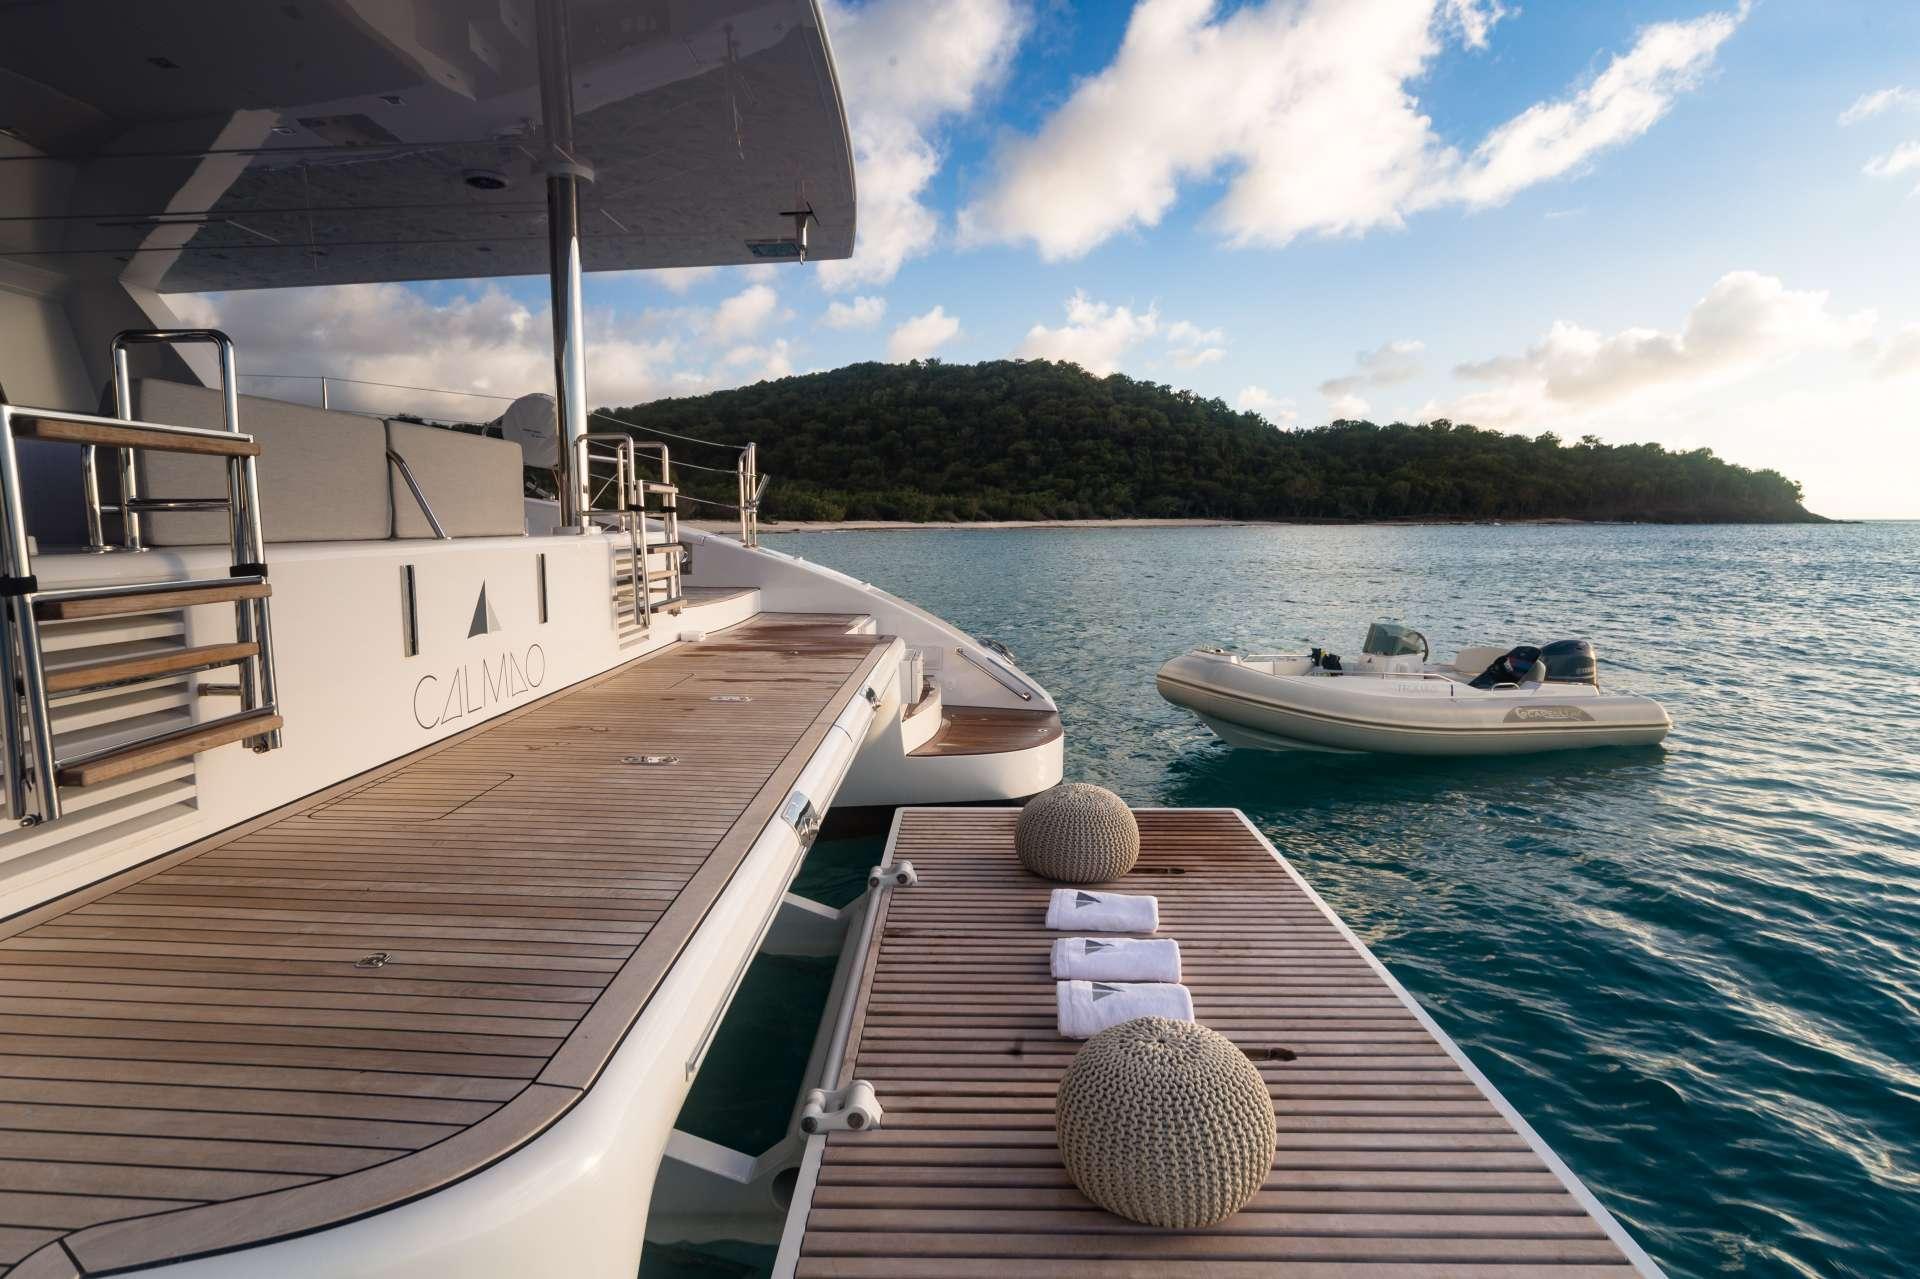 Image of CALMAO yacht #19